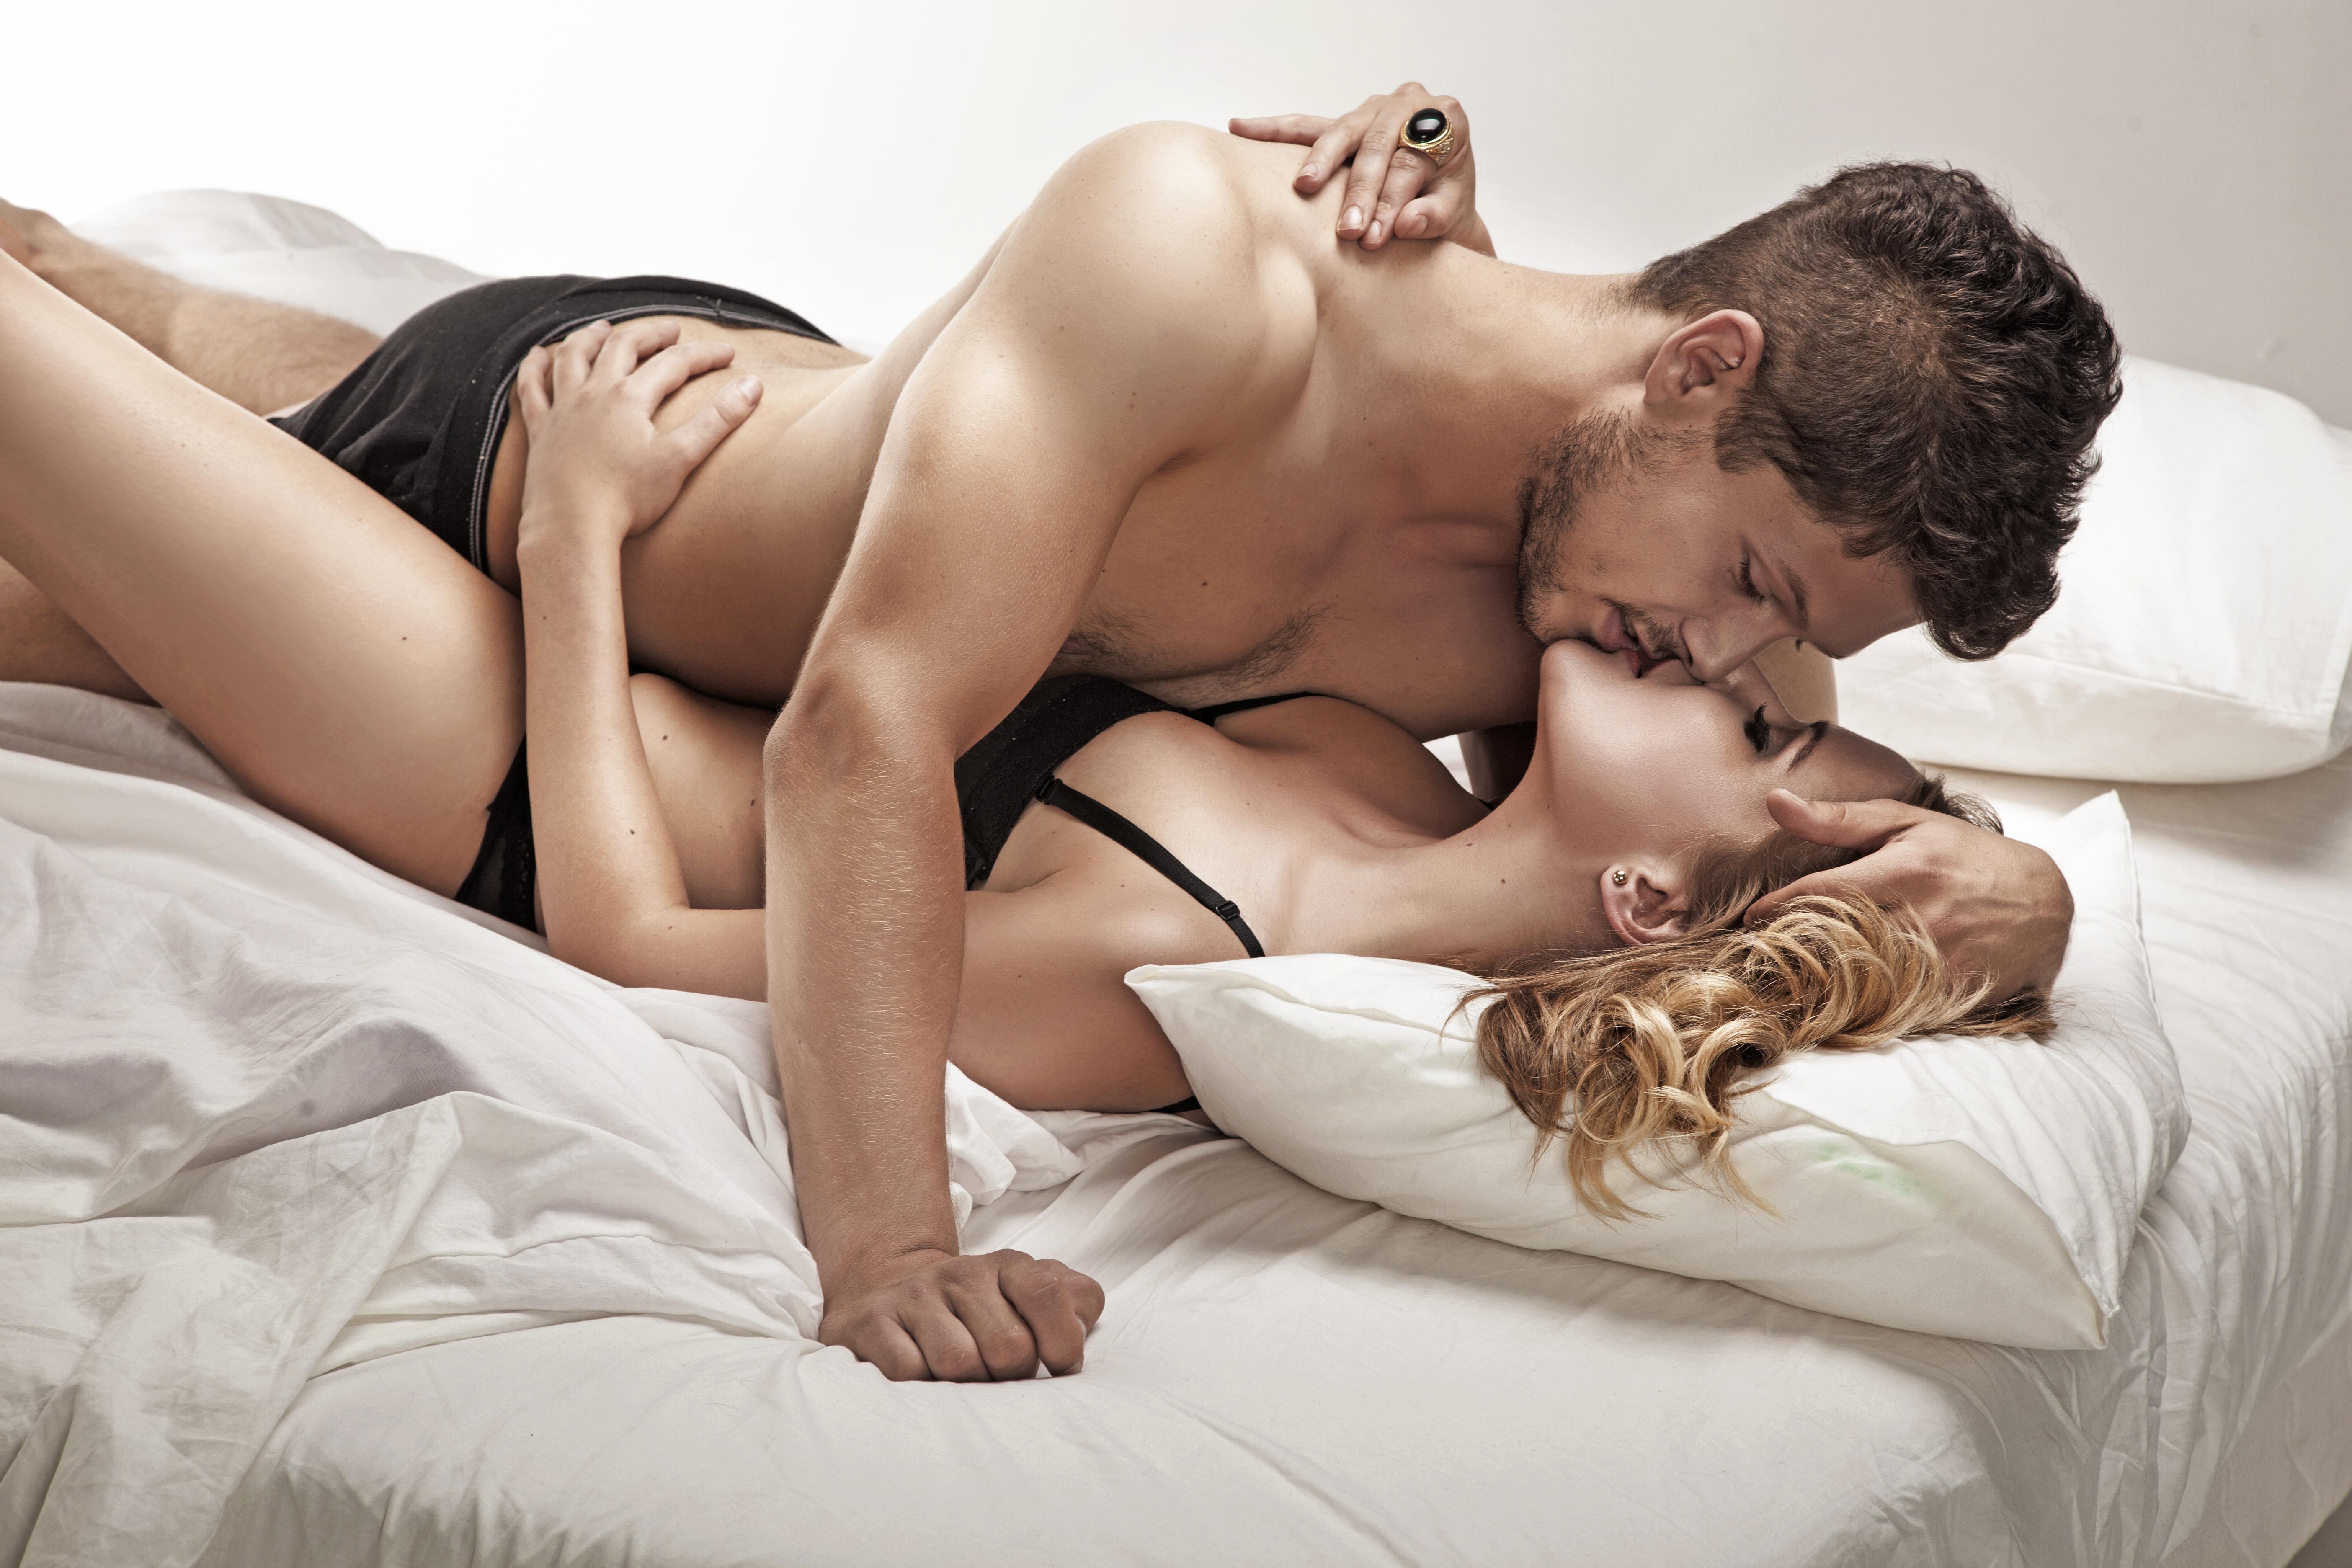 Секс фото в пастели 6 фотография